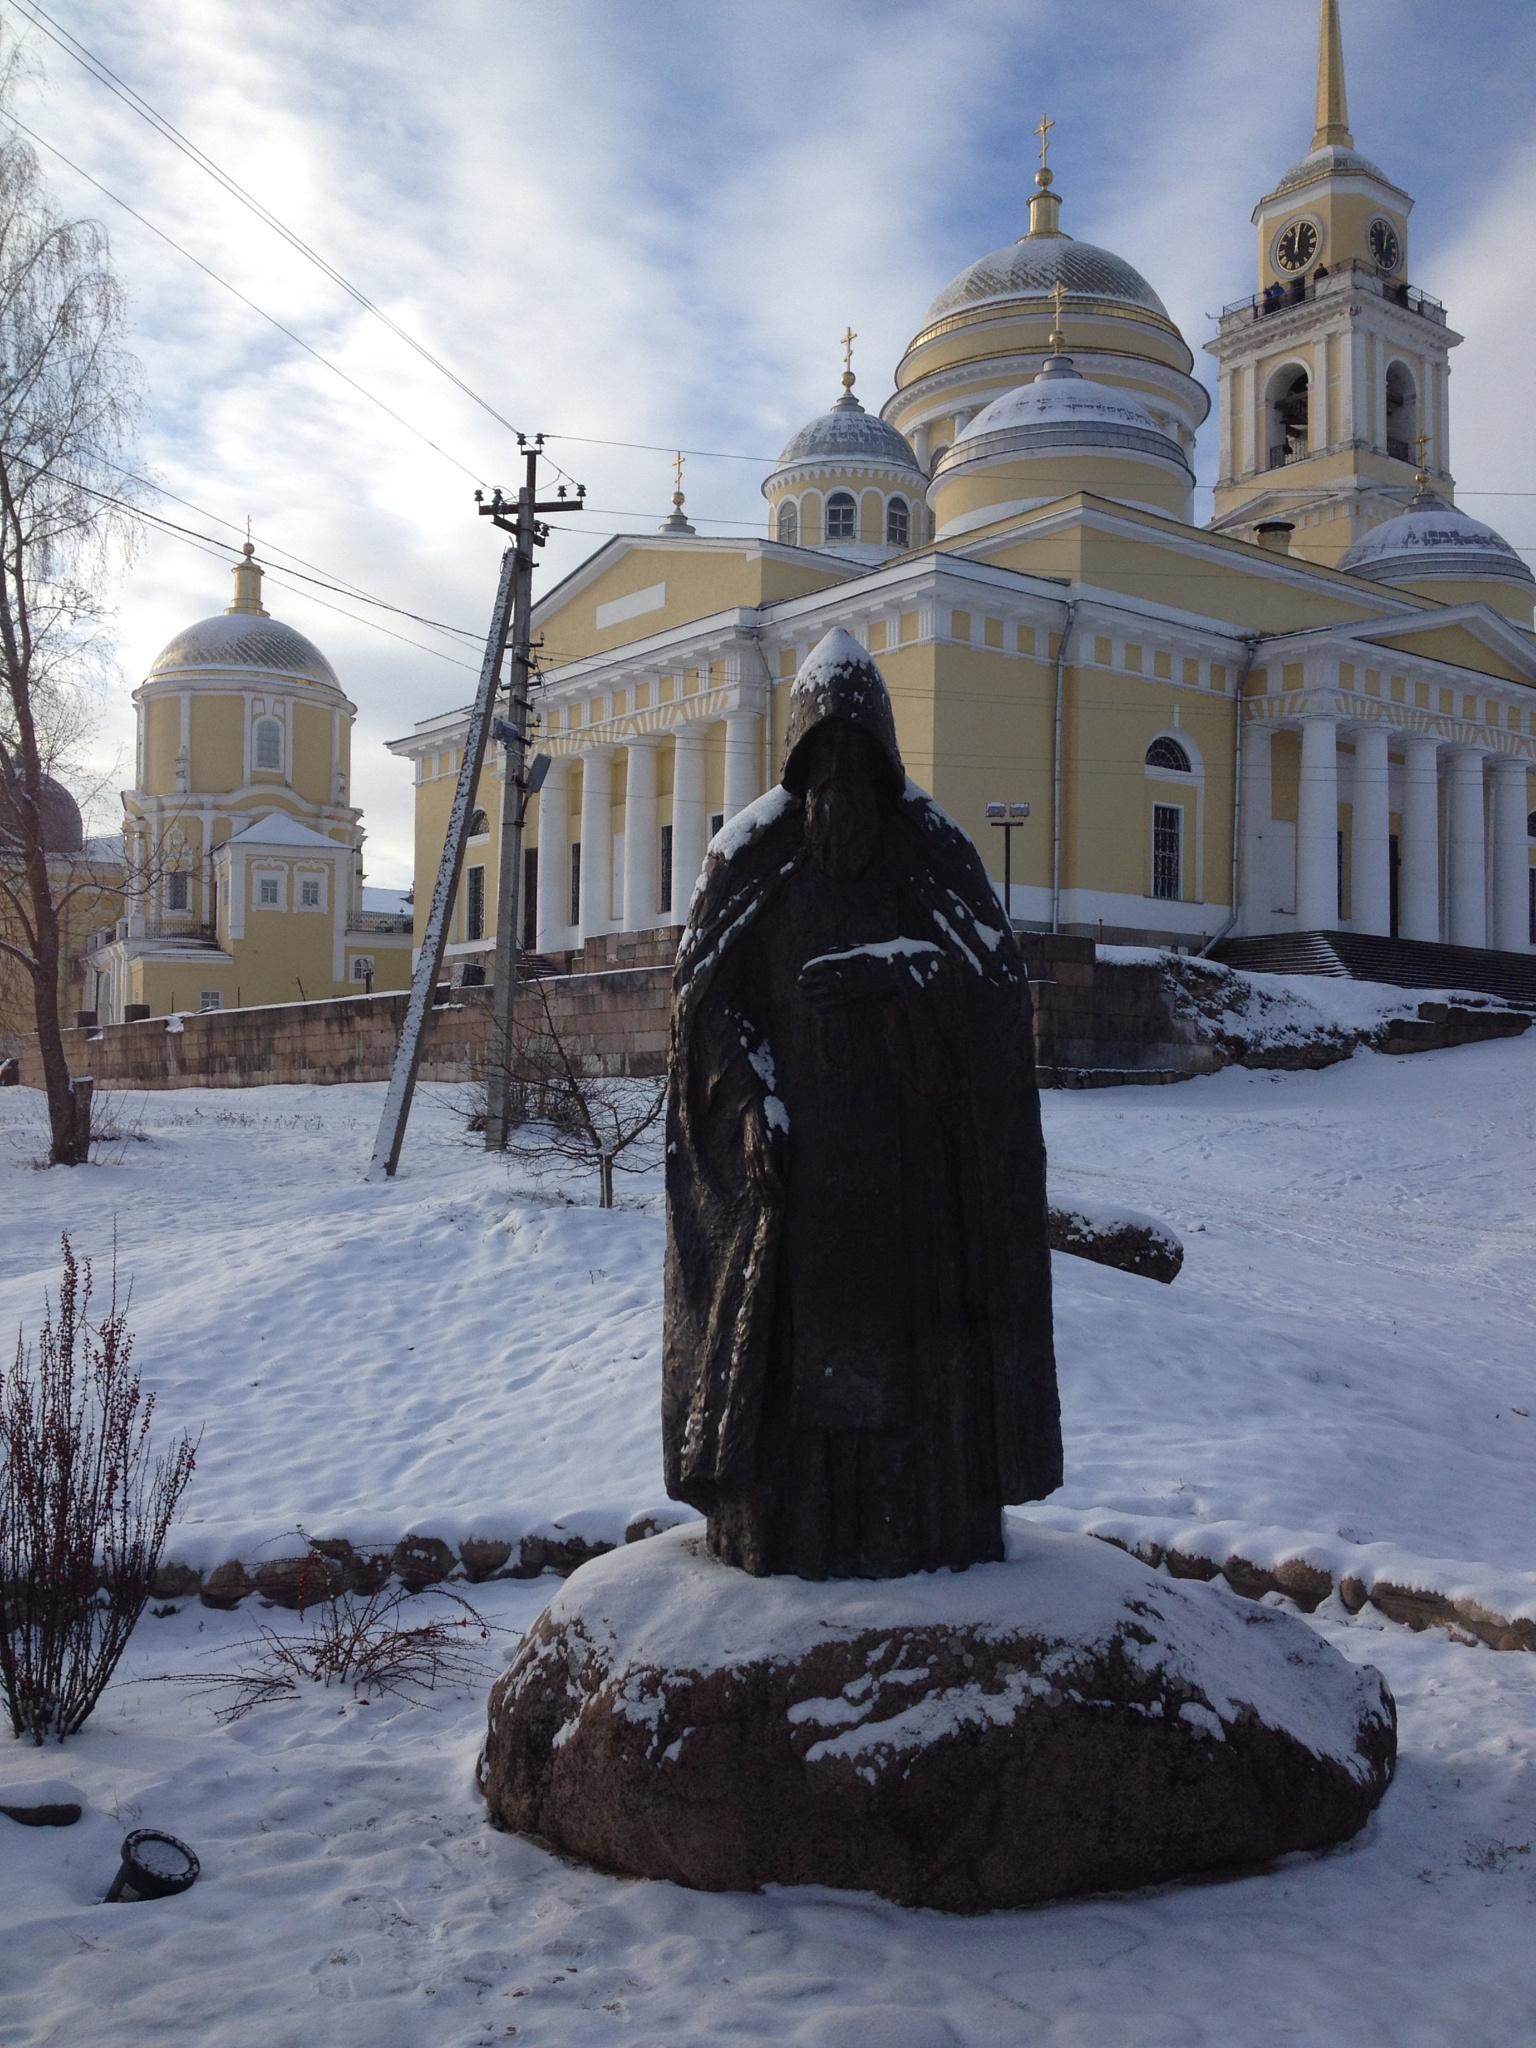 Nilo-Stolobensky Monastery.22 by Bobbyus